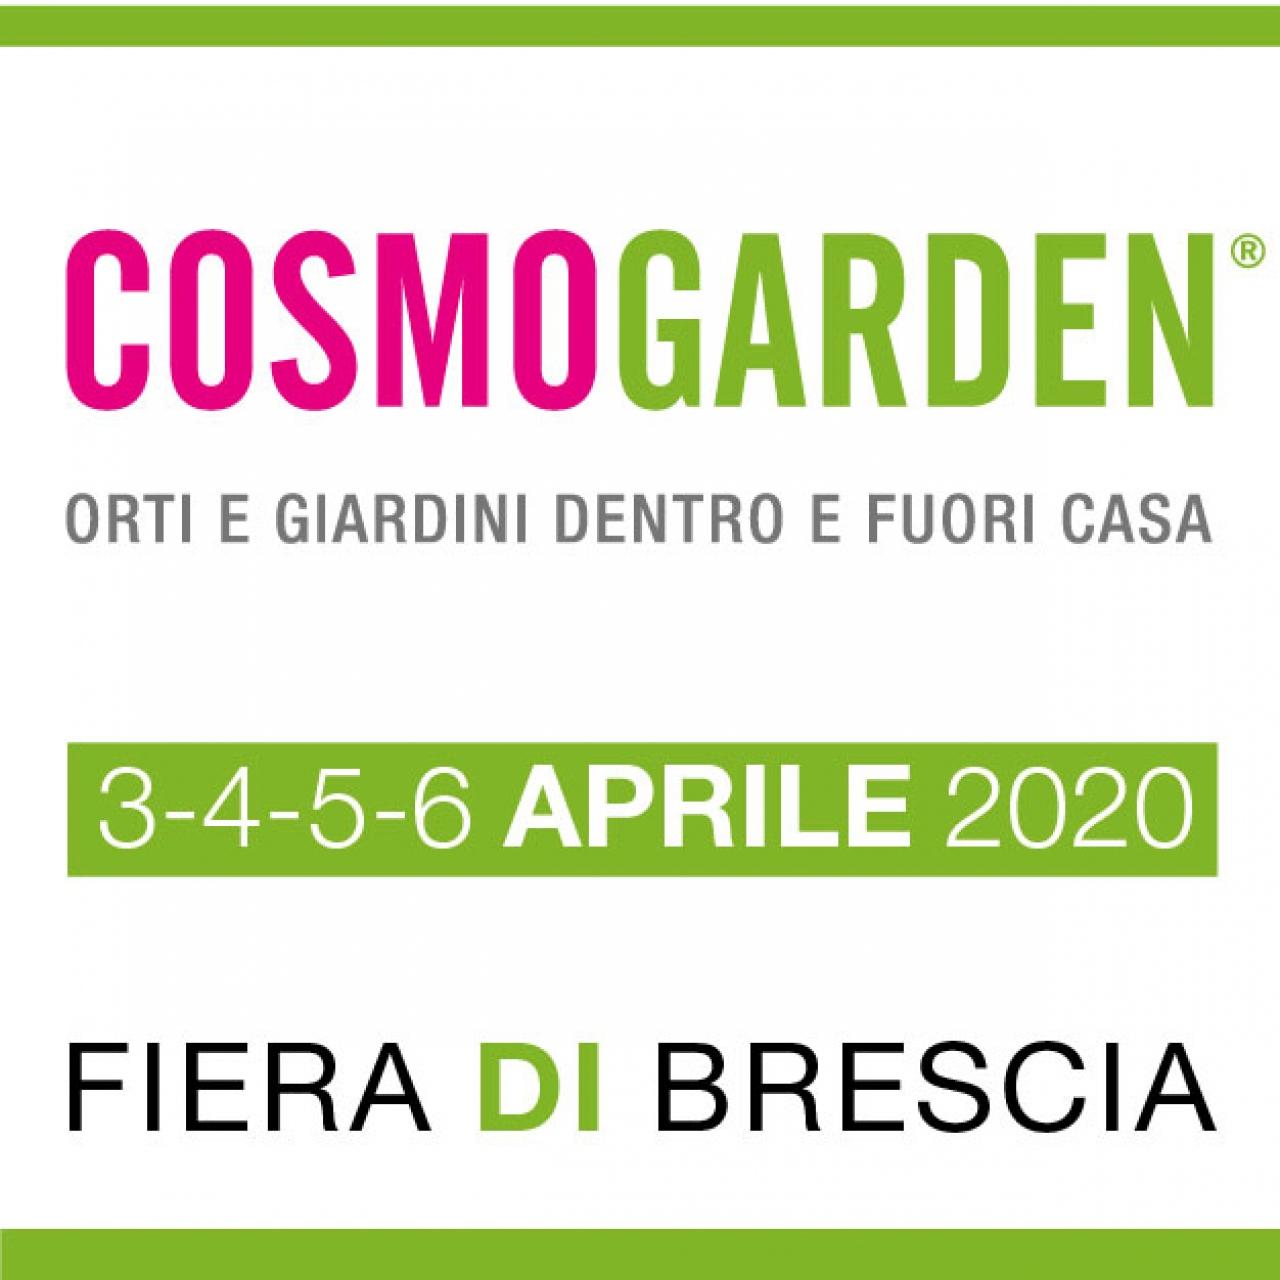 Fiera Di Brescia Calendario 2020.Brescia Bs Cosmogarden